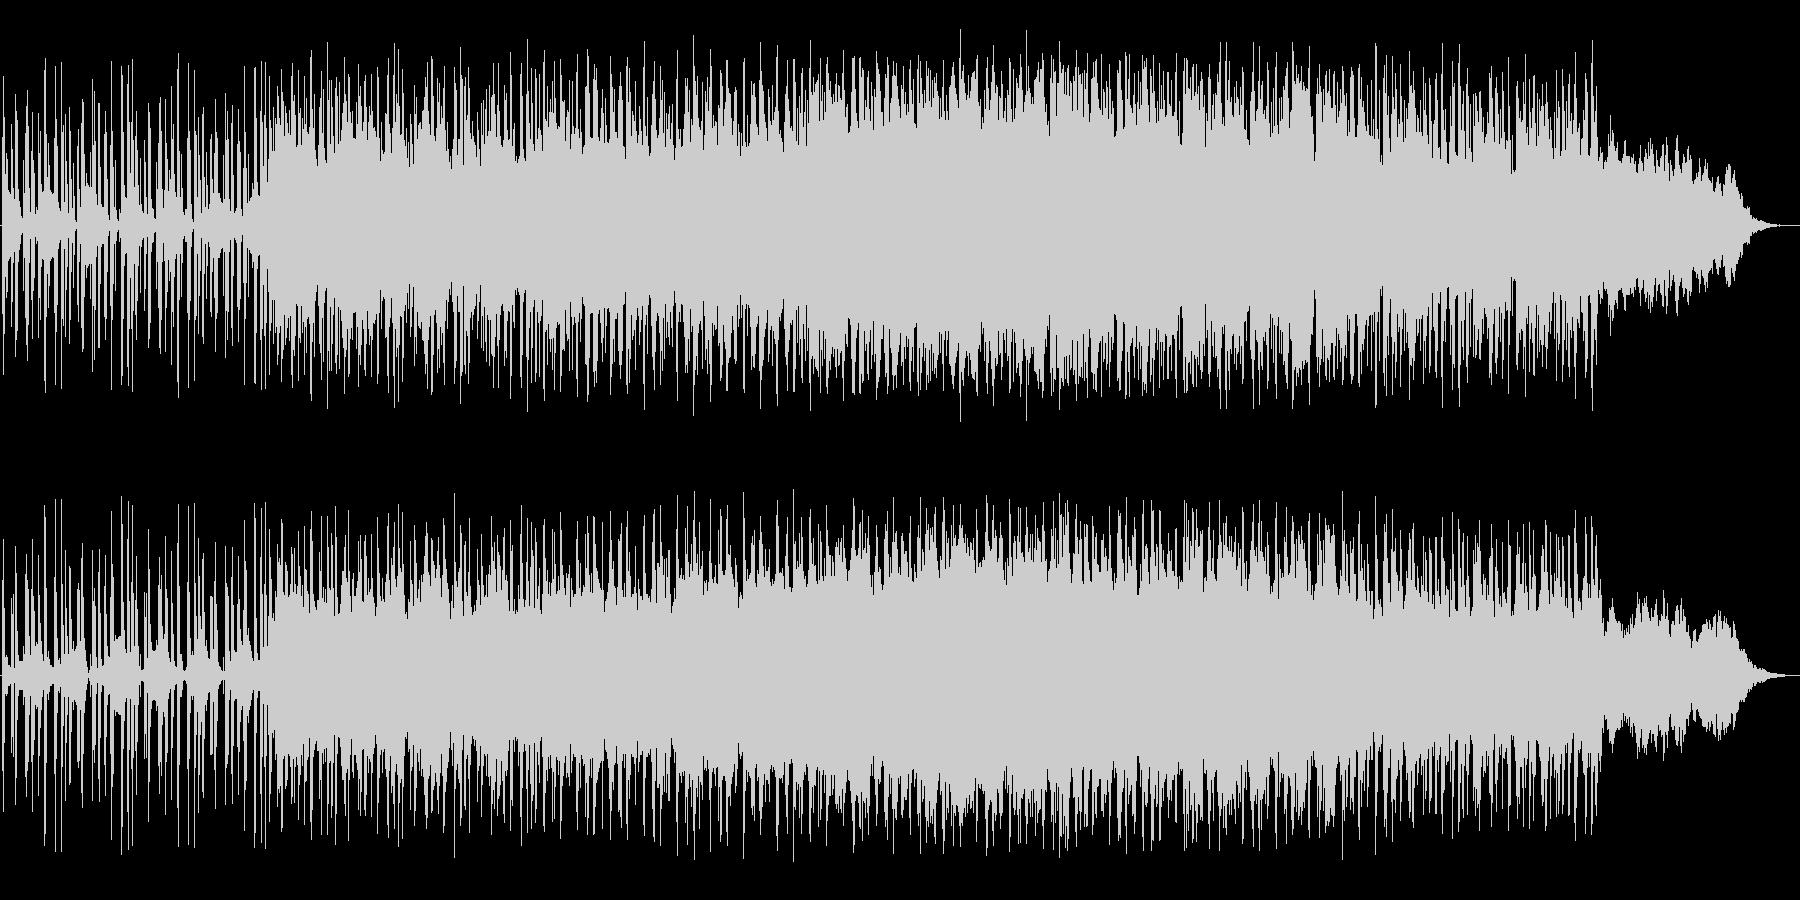 幻想的で活力あるヒーリングミュージックの未再生の波形